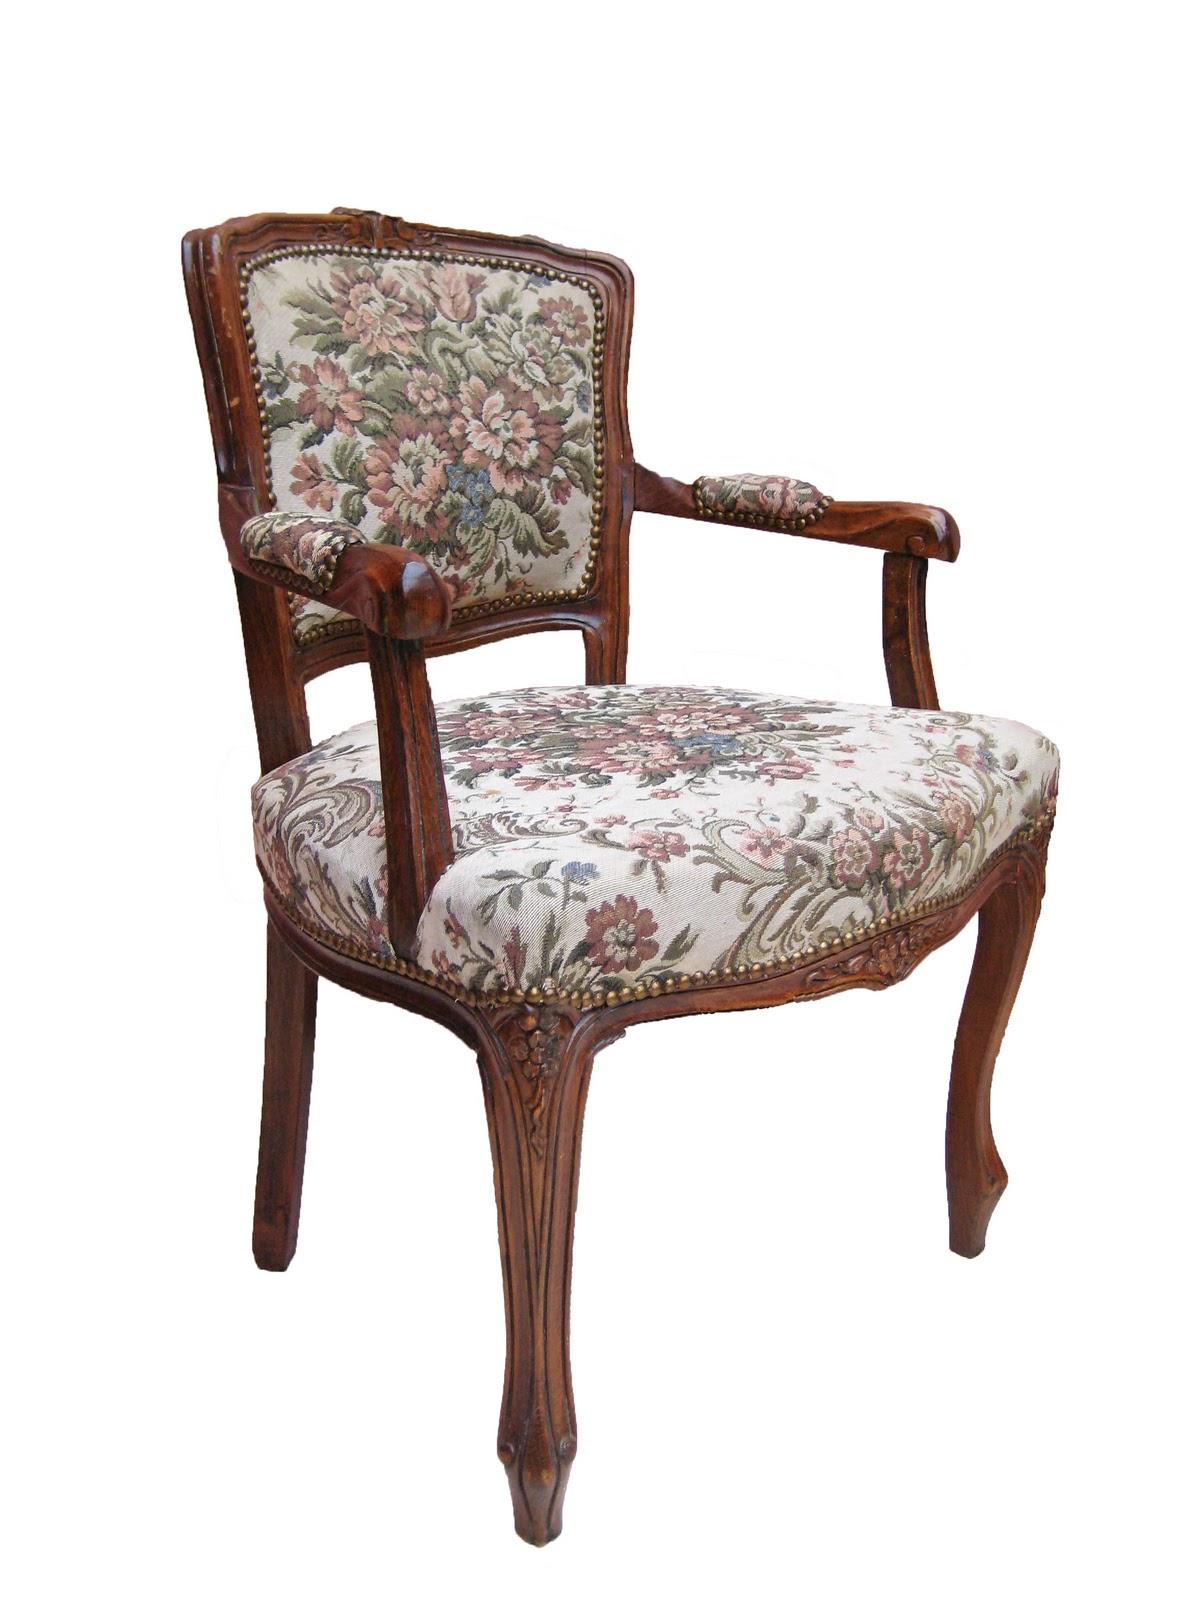 De wereld van fien franse fauteuil - Lederen fauteuil huis van de wereld ...